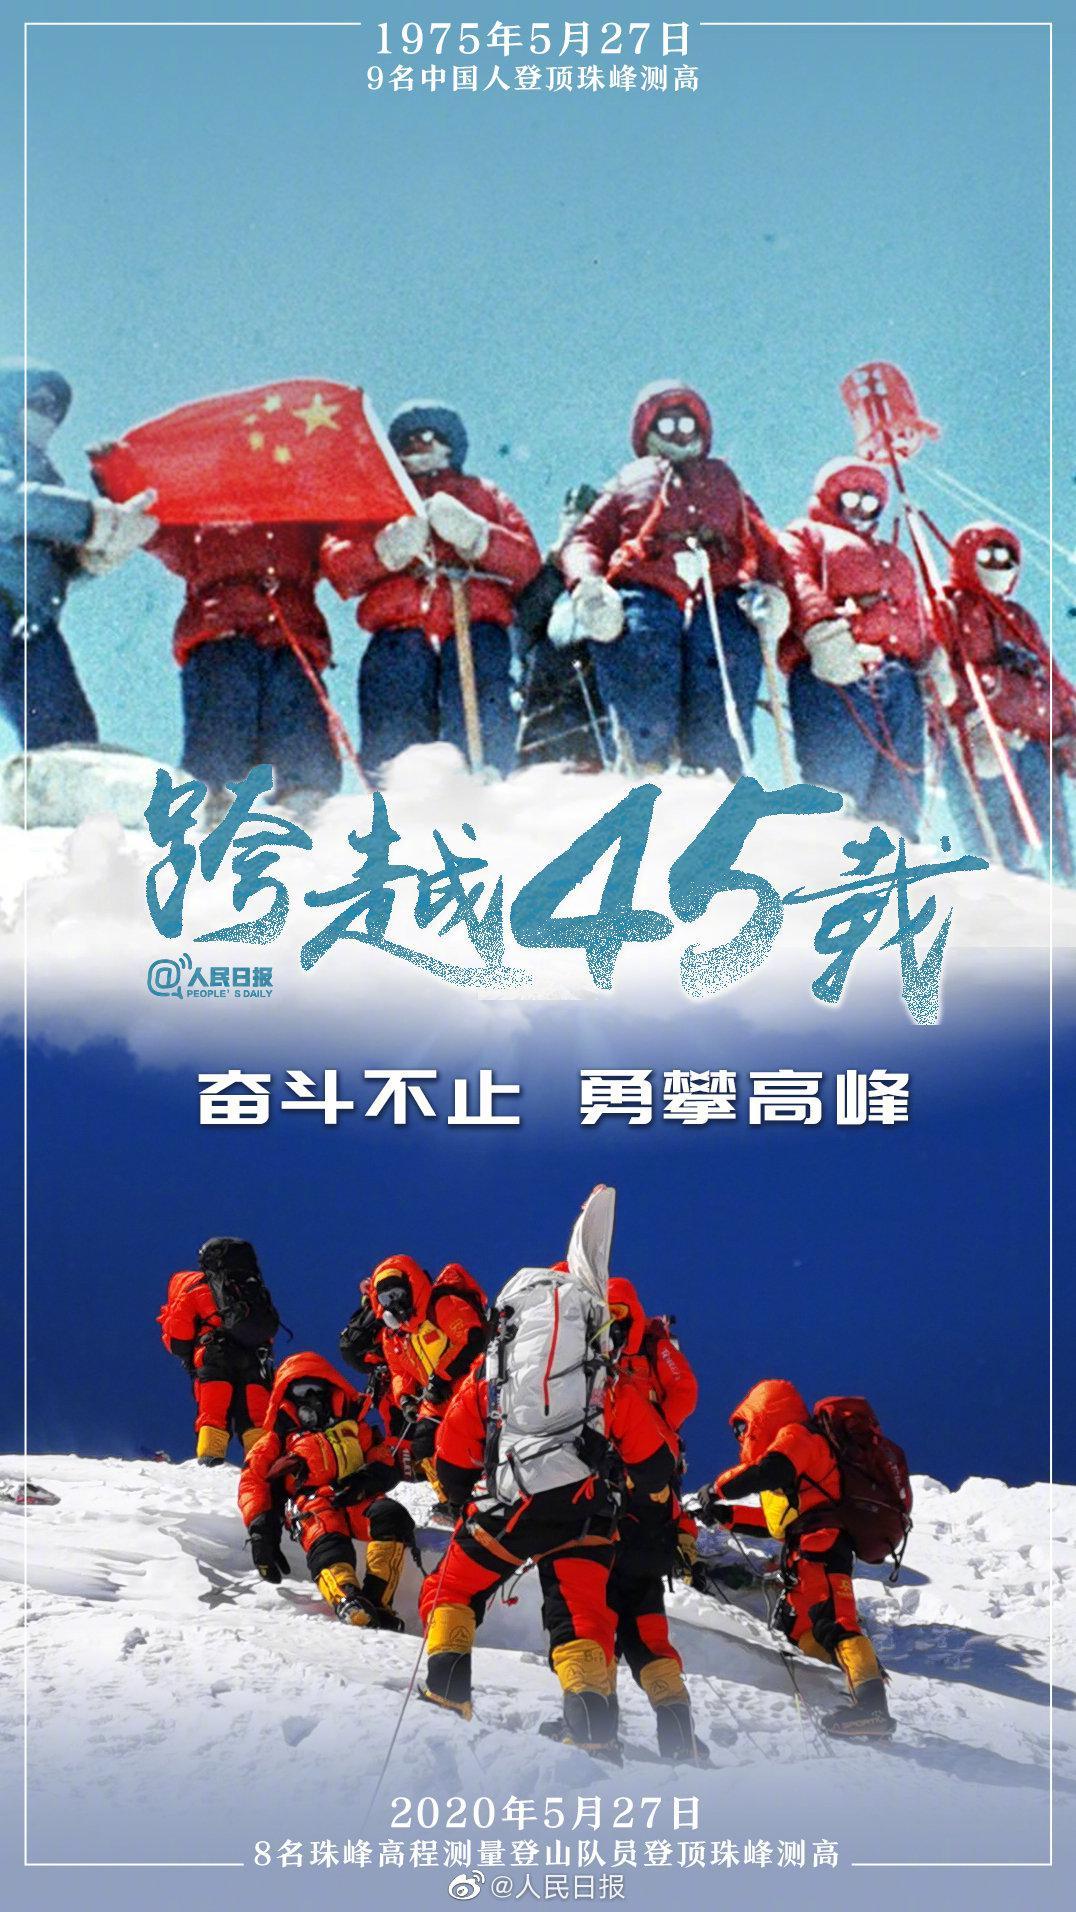 跨越45年中国人同一天登顶珠峰图片